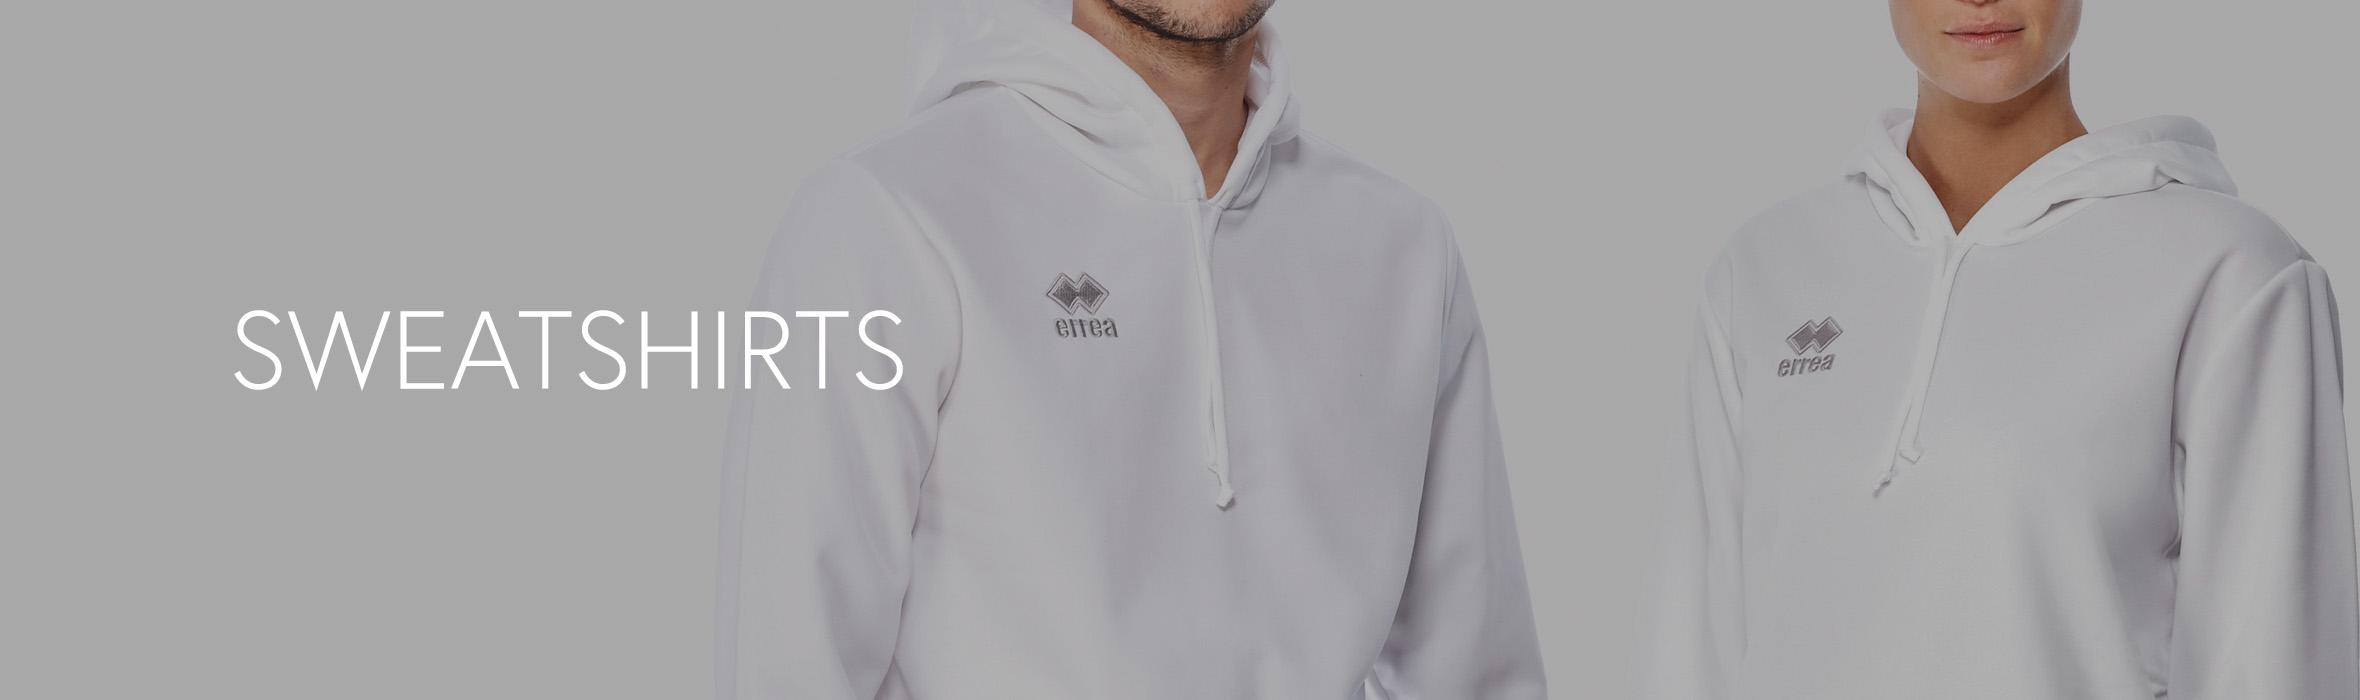 sweatshirts-2021-errea.jpg